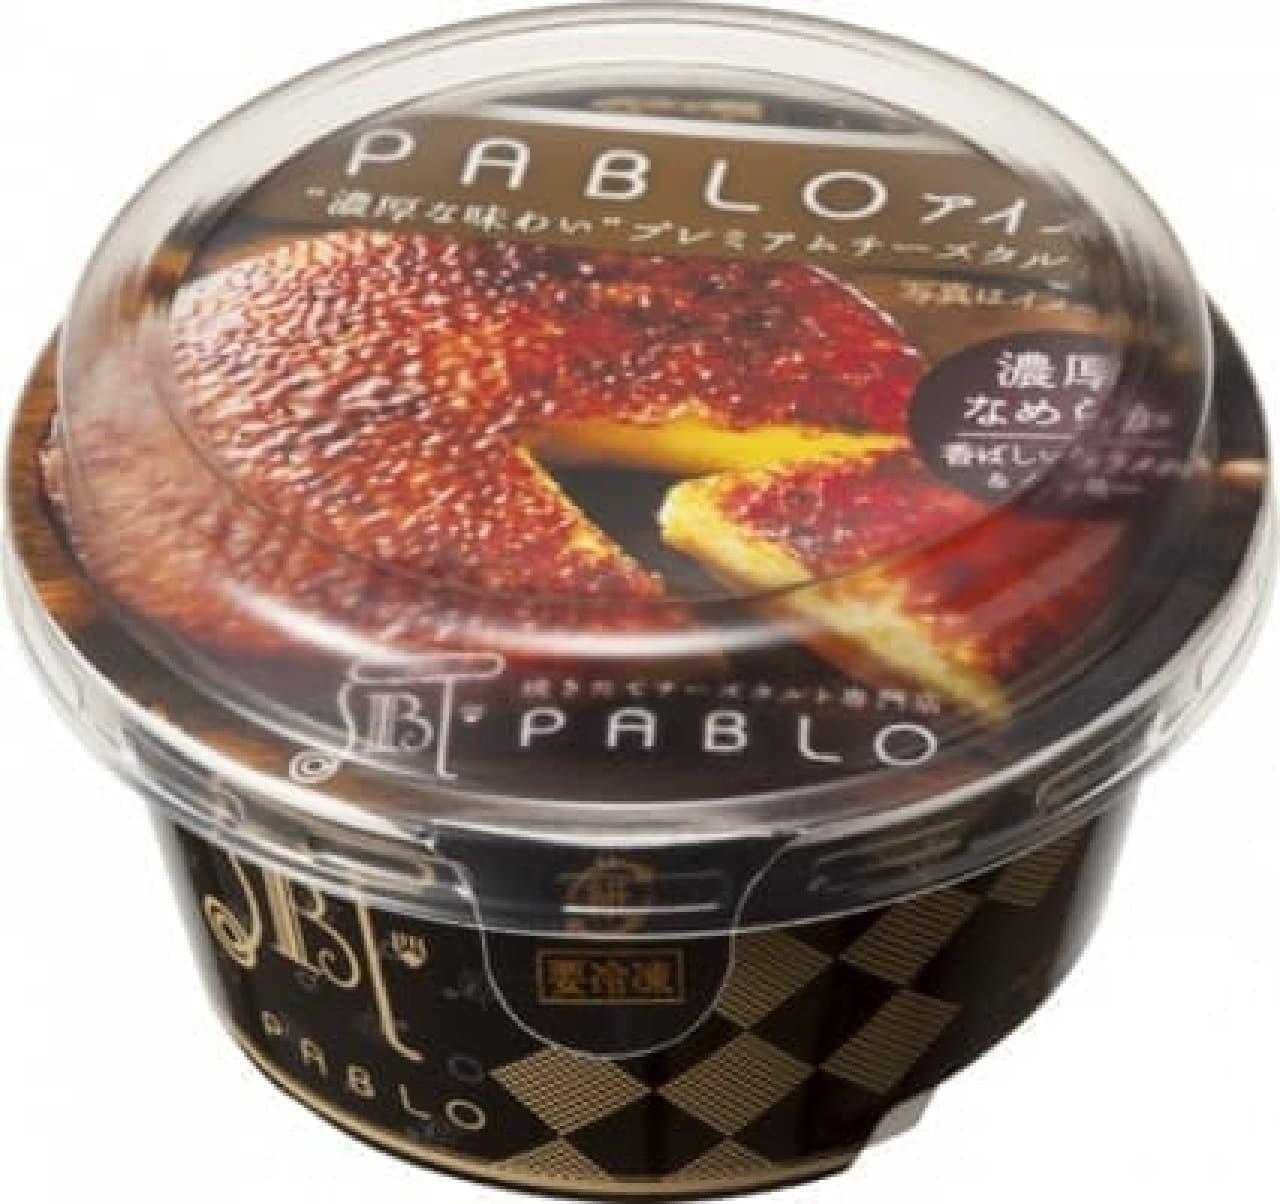 パブロのチーズタルトがアイスになった!